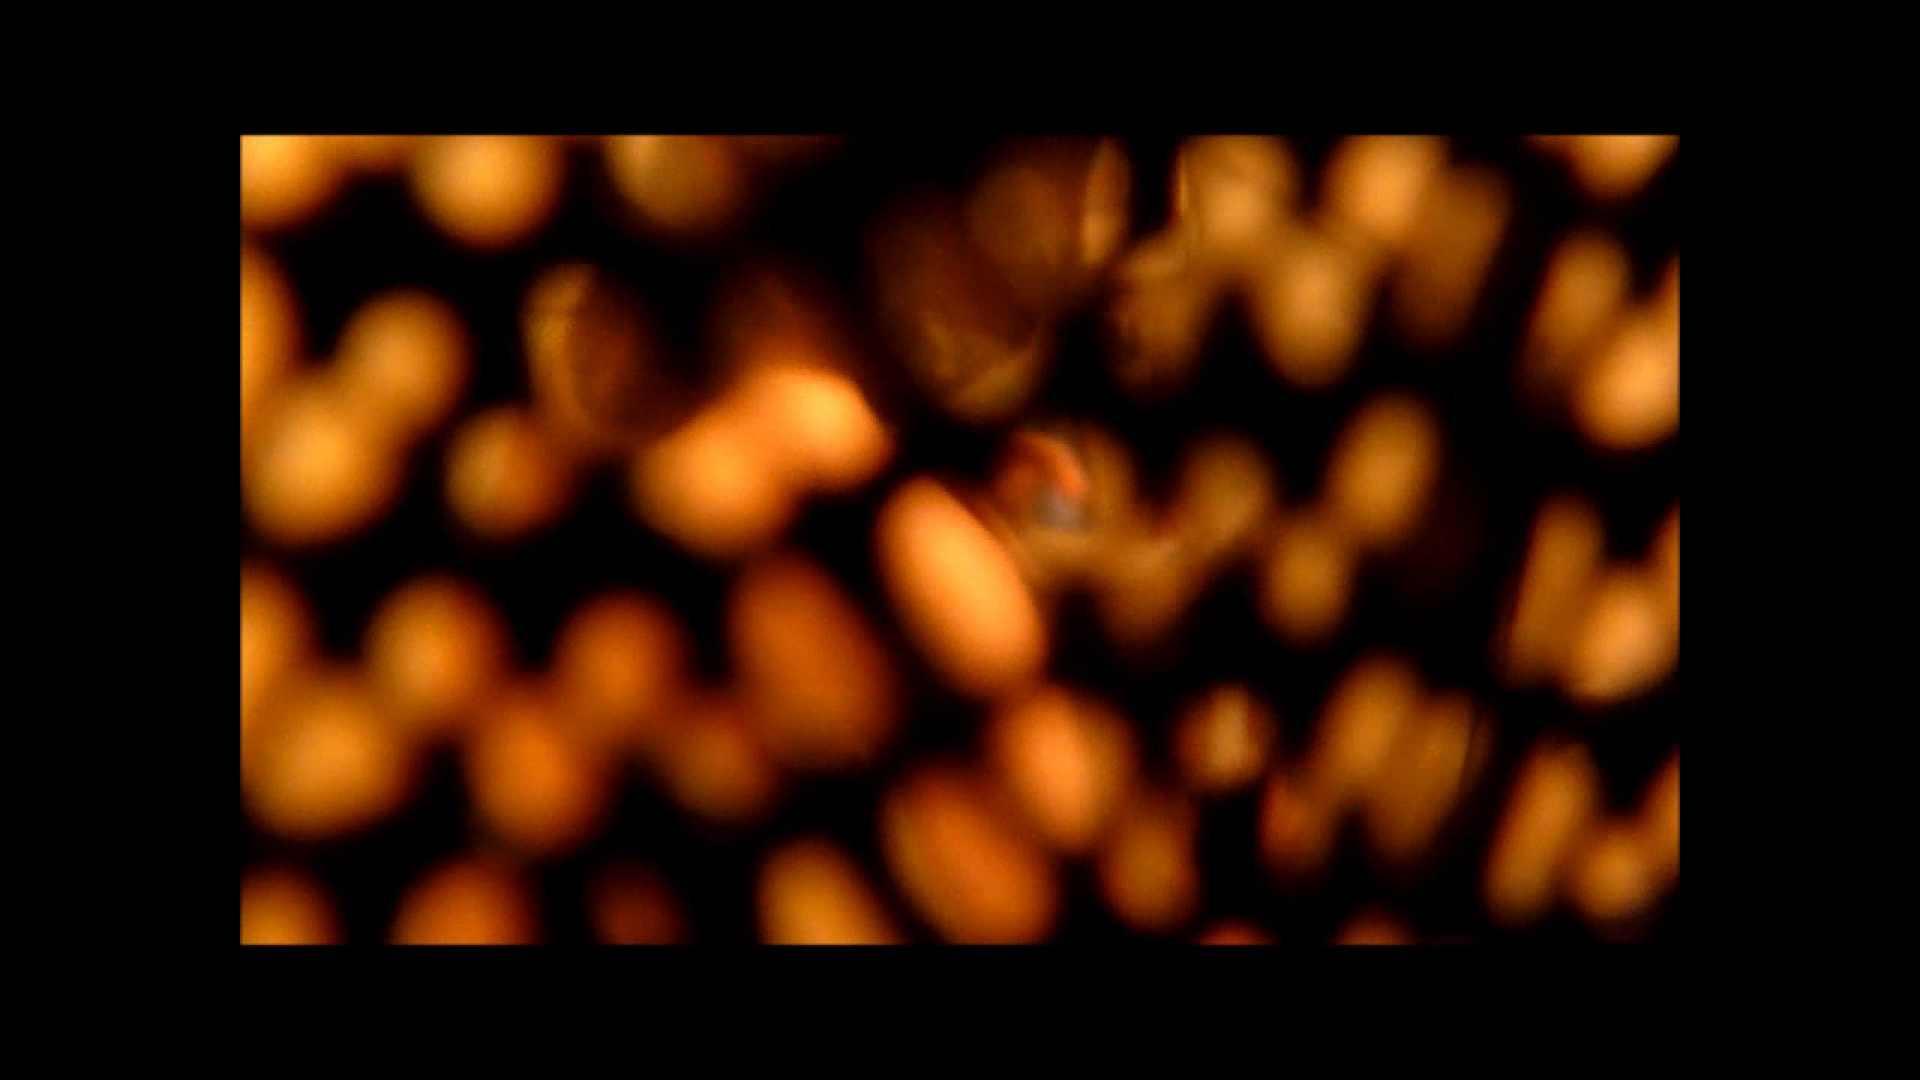 【02】ベランダに侵入して張り込みを始めて・・・やっと結果が出ました。 家宅侵入 | 0  82画像 30